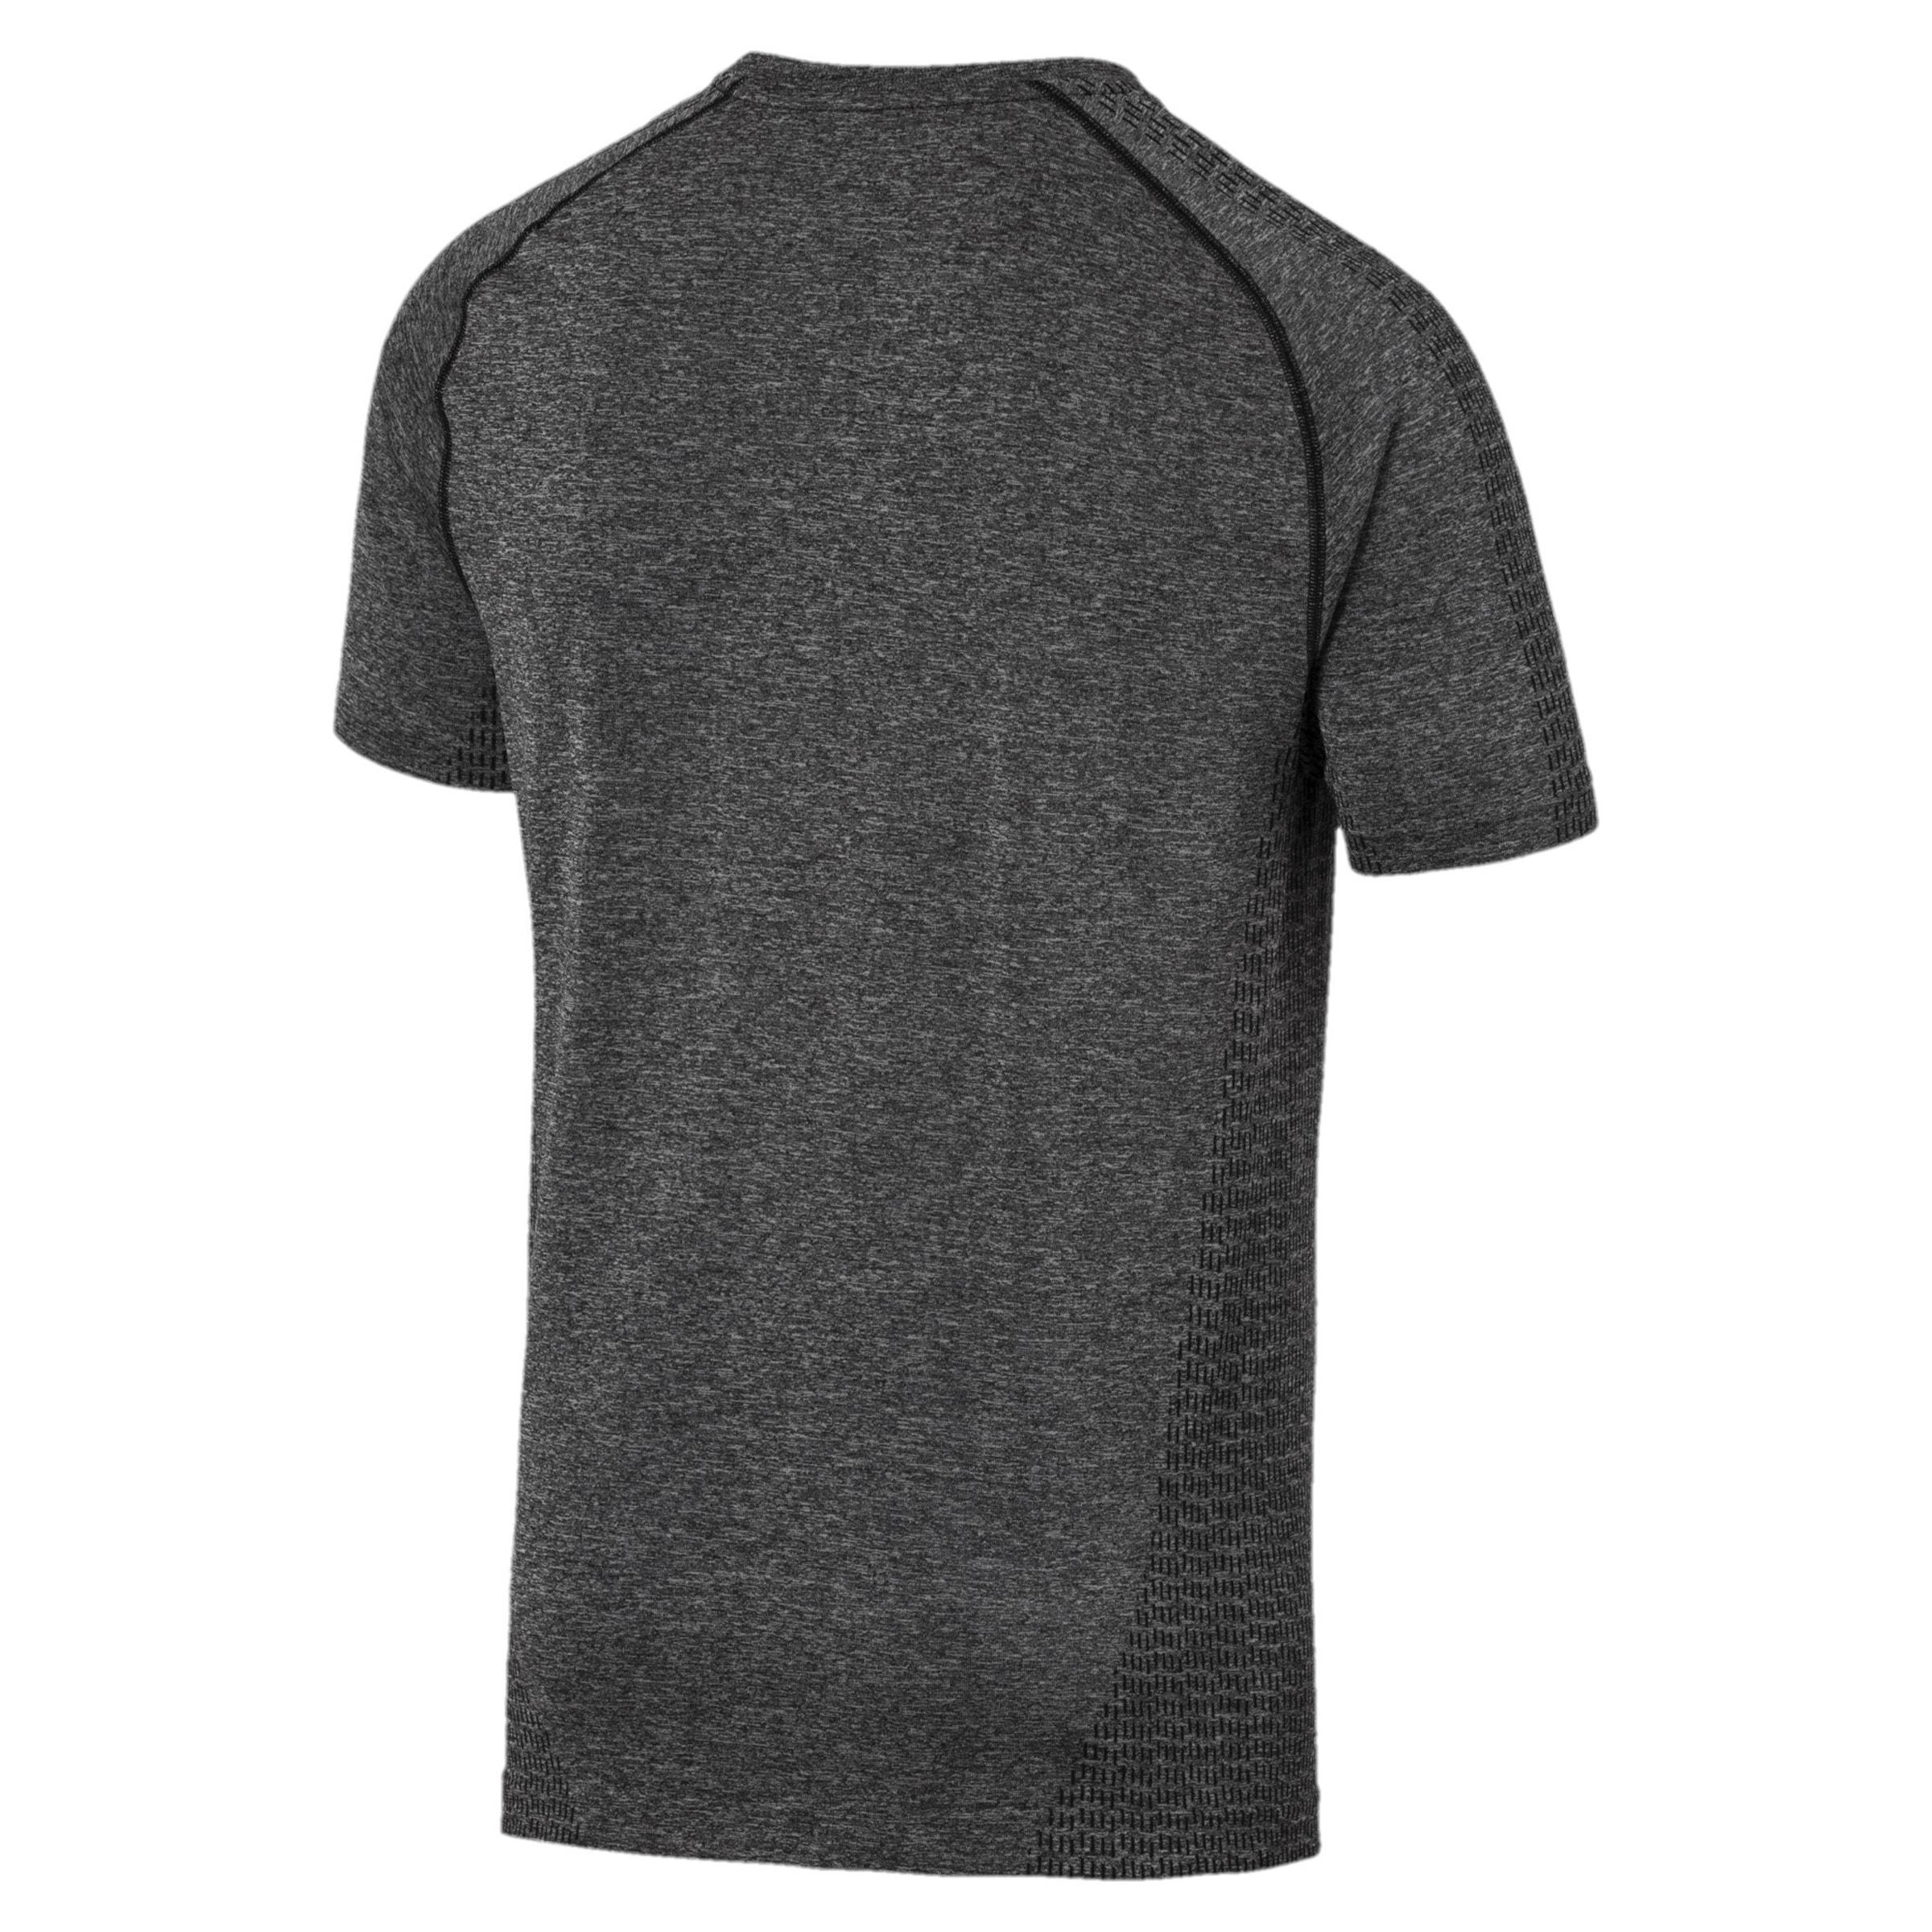 Puma In Sports Schwarz T Evoknit' shirt 'tec J3lFcTK1